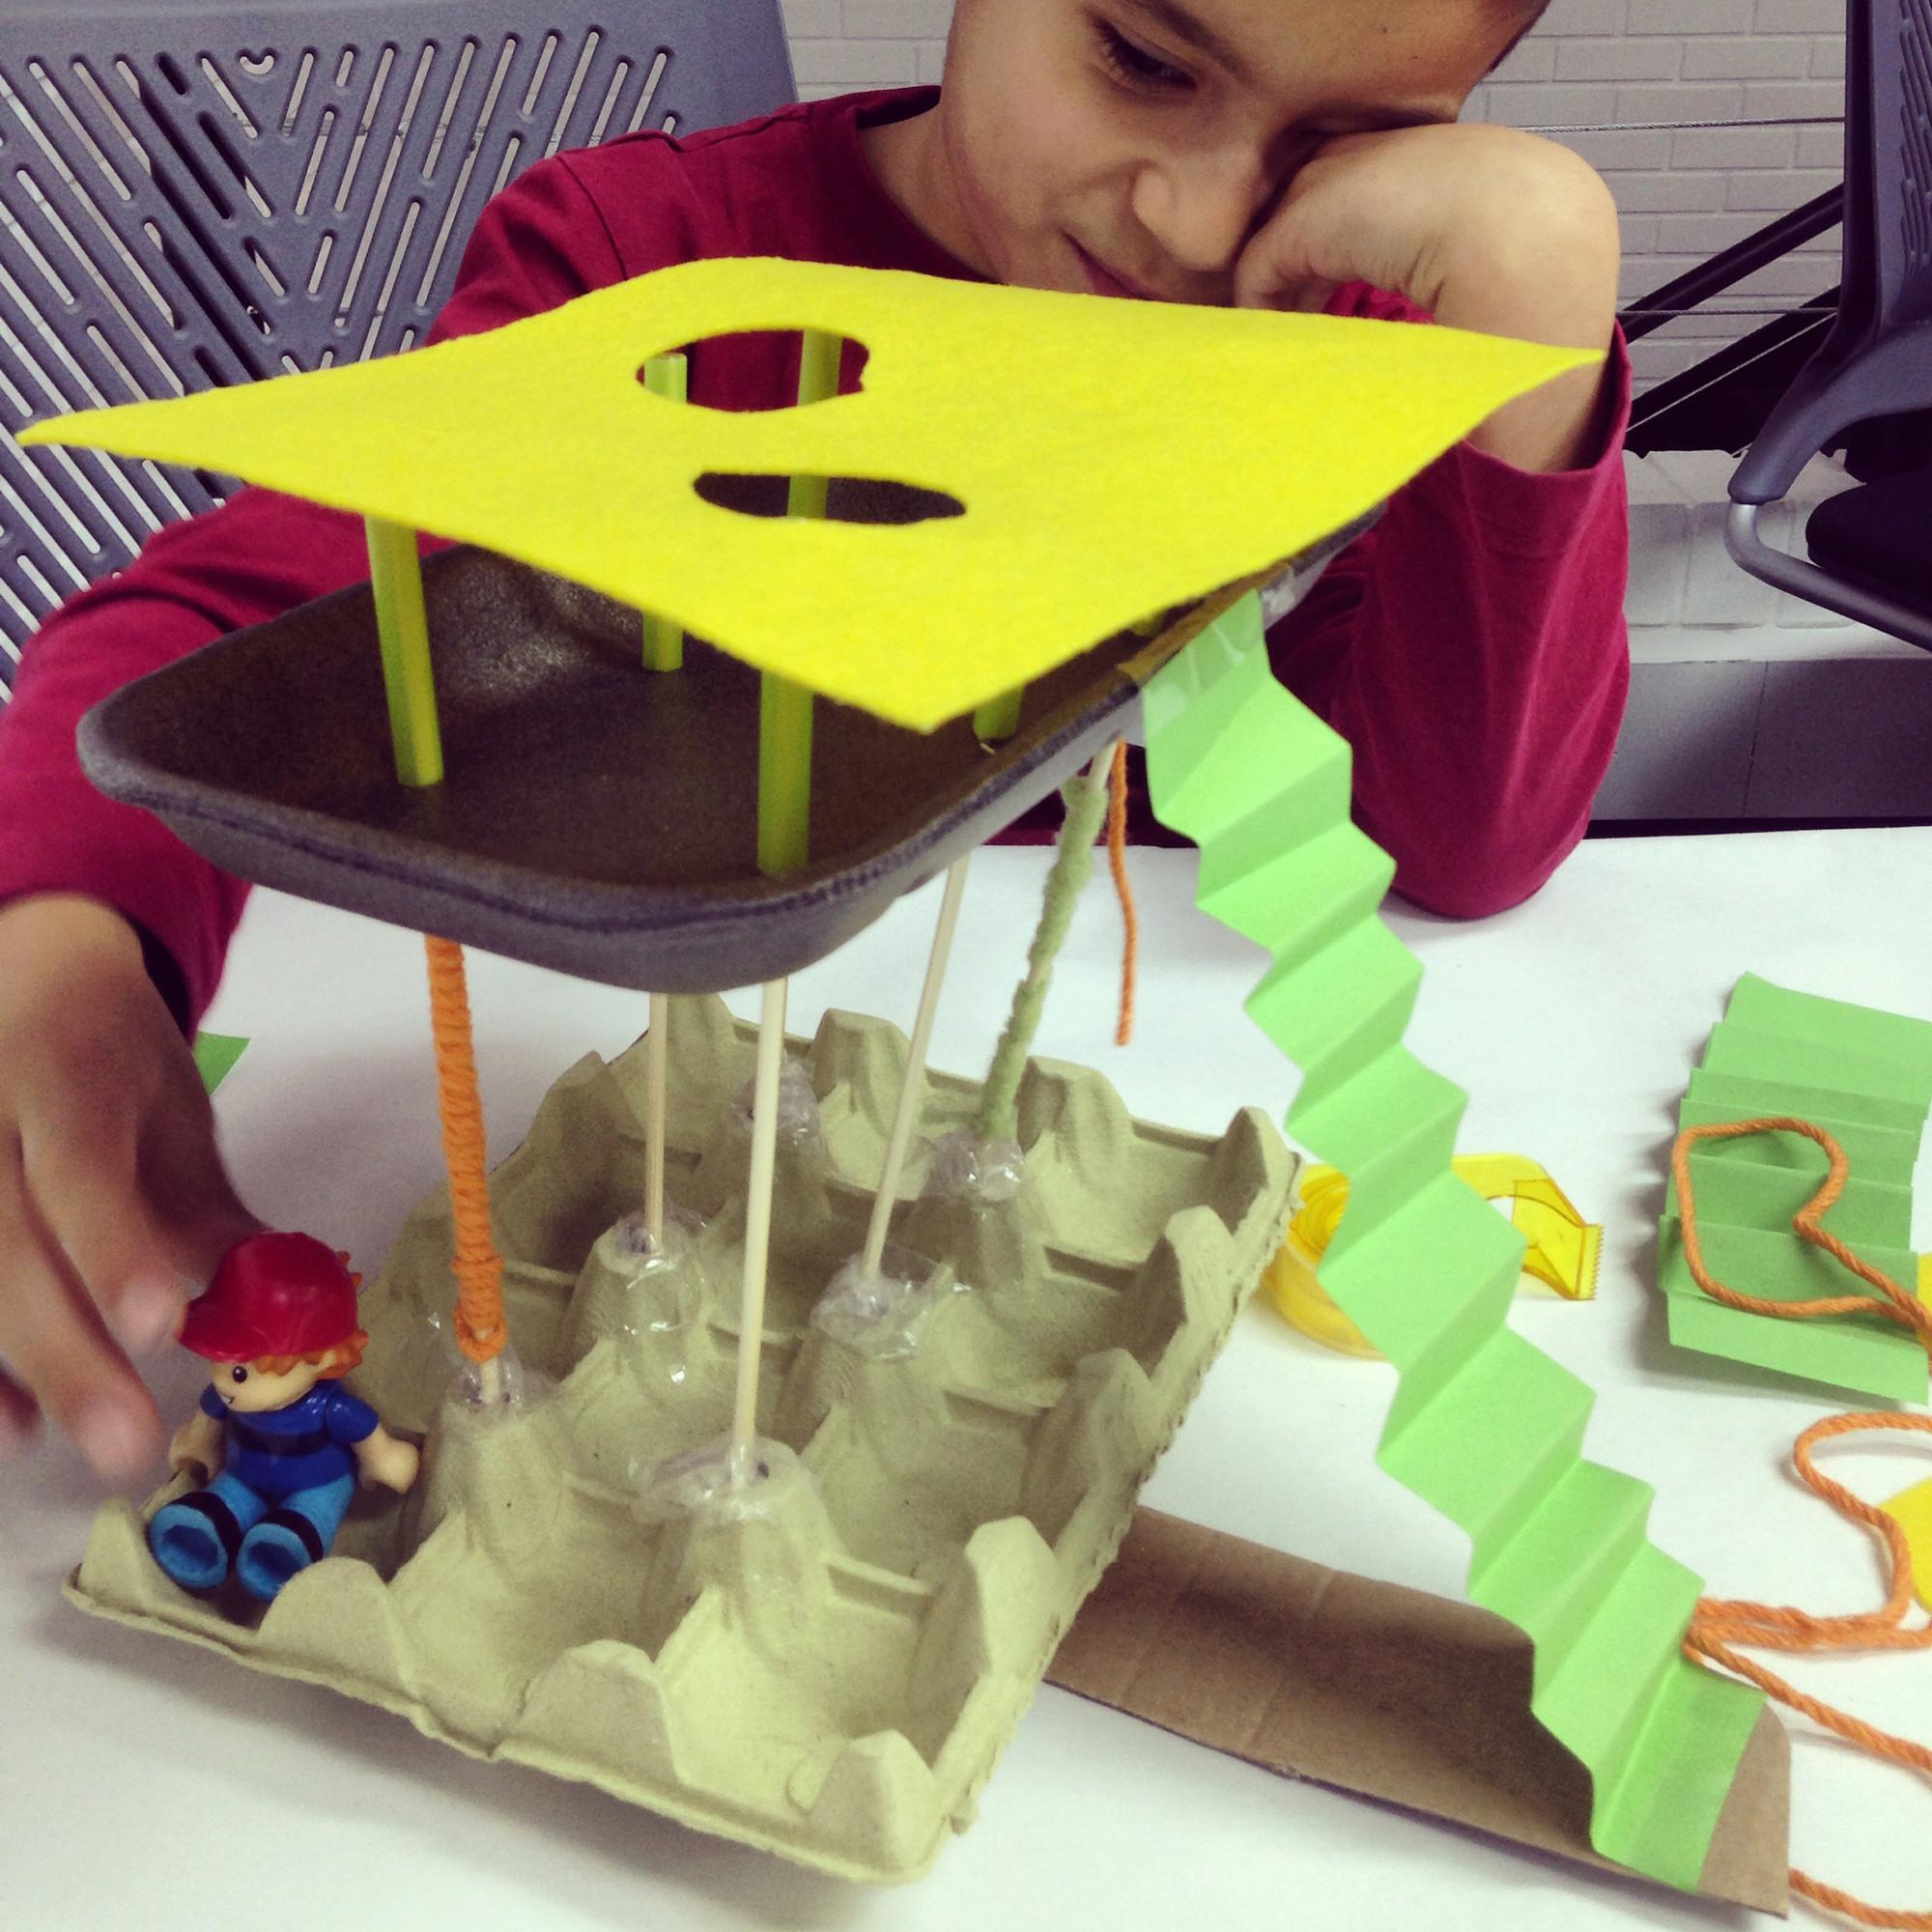 Chiquitectos: cuando niños y niñas experimentan con la arquitectura, La arquitectura como refugio: propuesta de Samuel, 6 años. Image © Chiquitectos